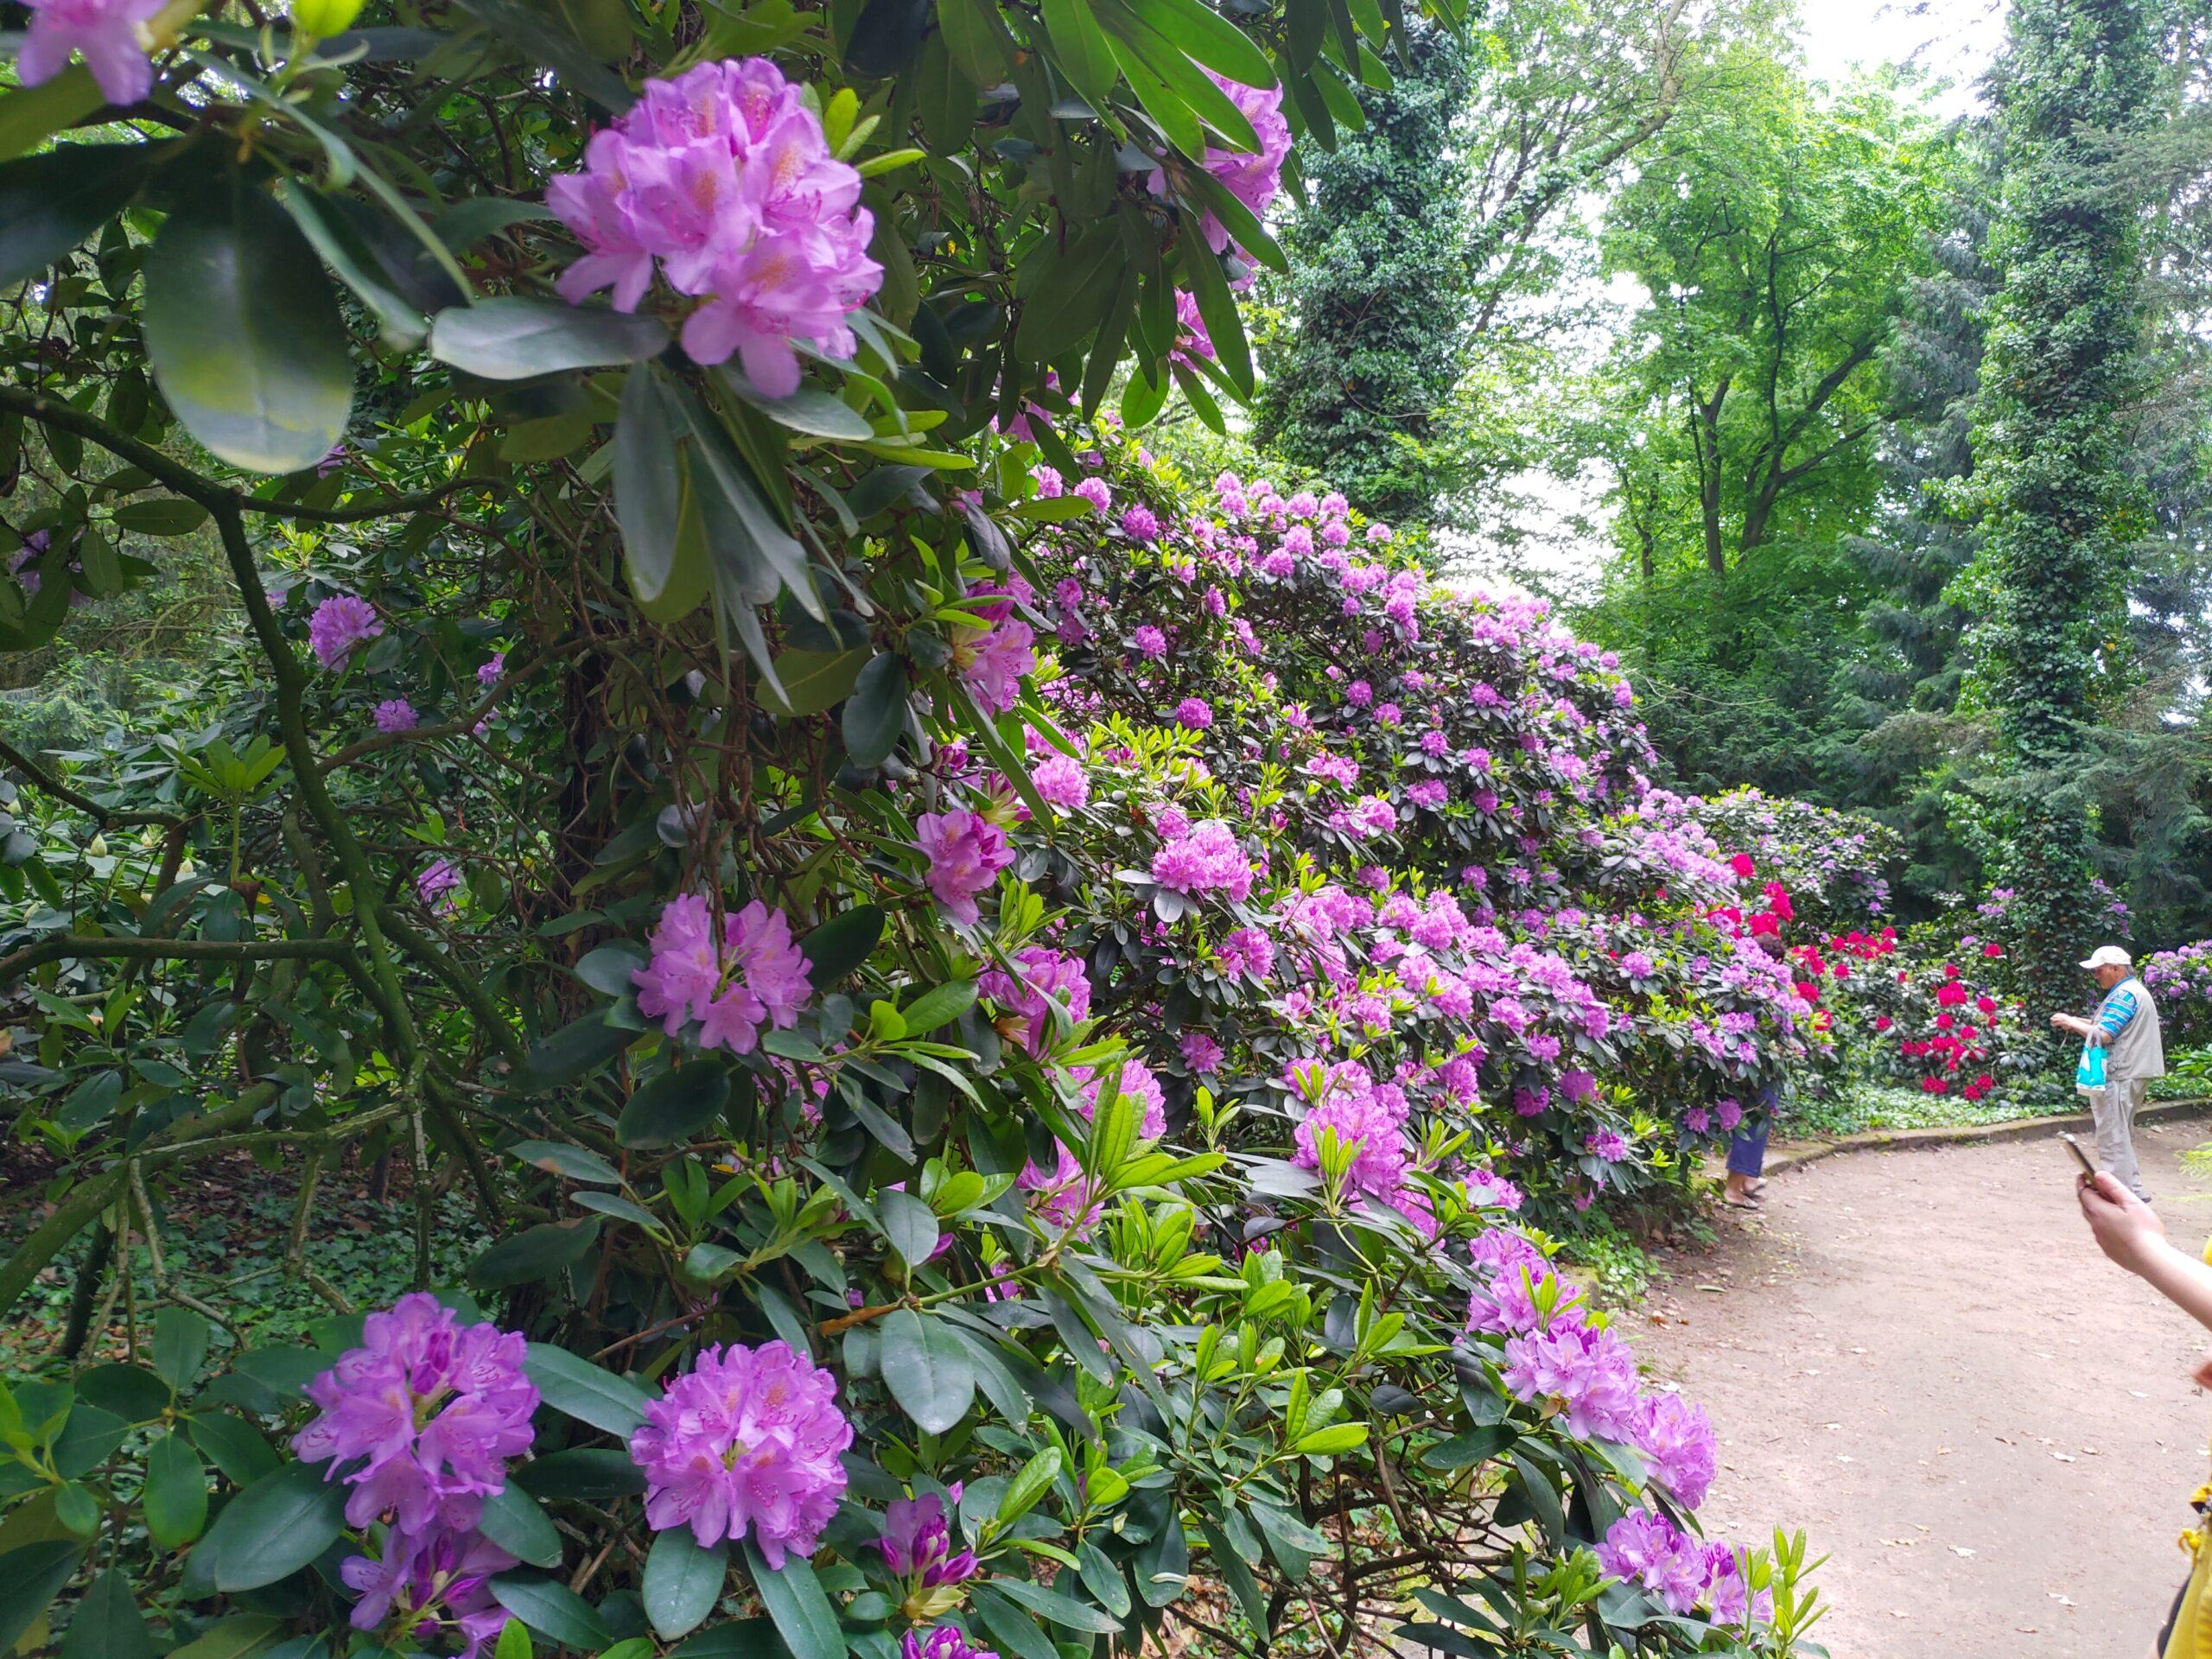 Różaneczniki i lilaki w Arboretum Kórnickim przyciągają turystów